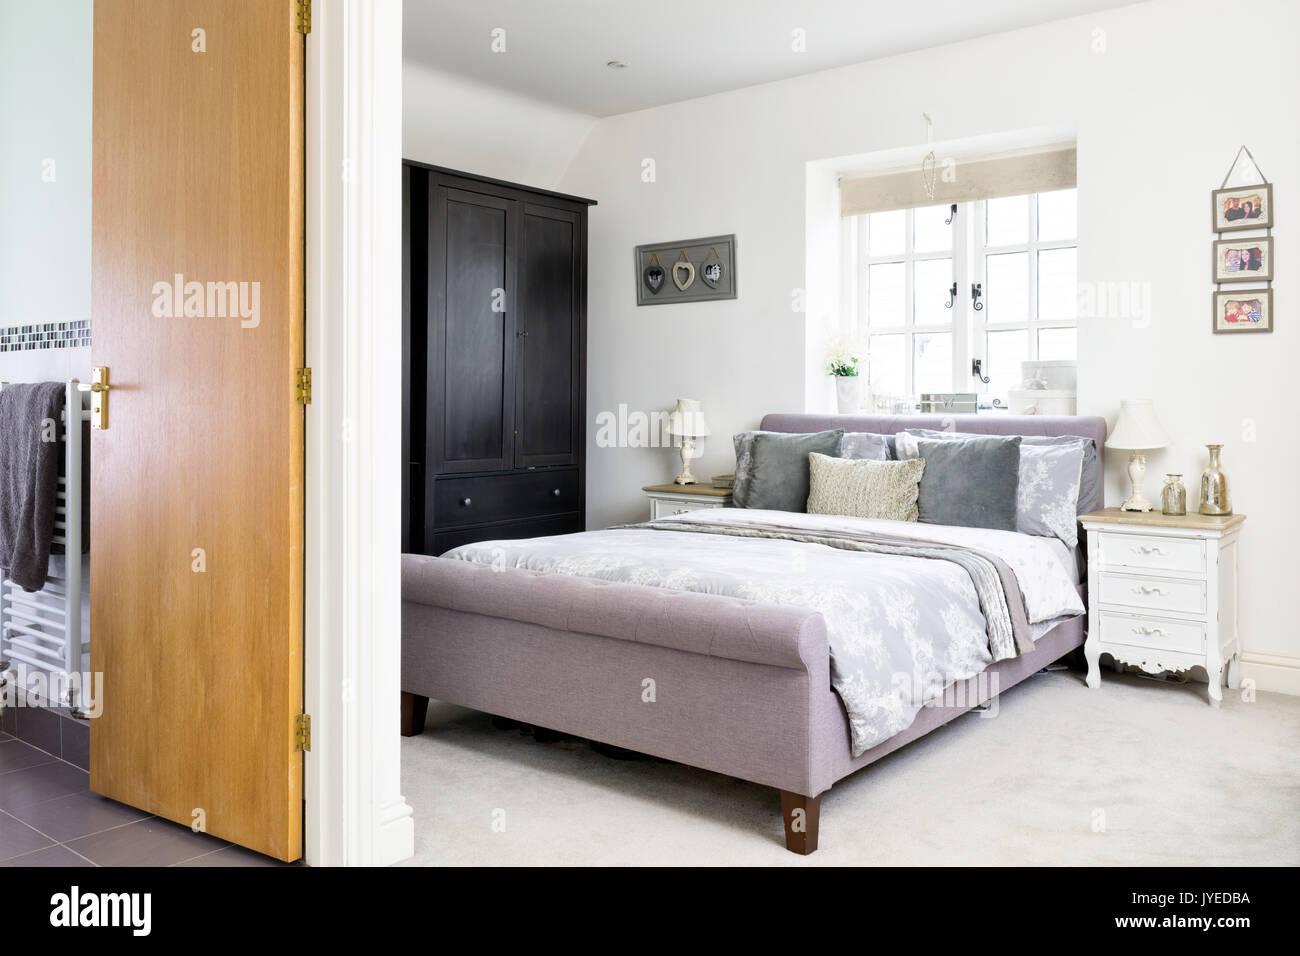 Una cama tamaño king en un moderno dormitorio doble con baño. Imagen De Stock